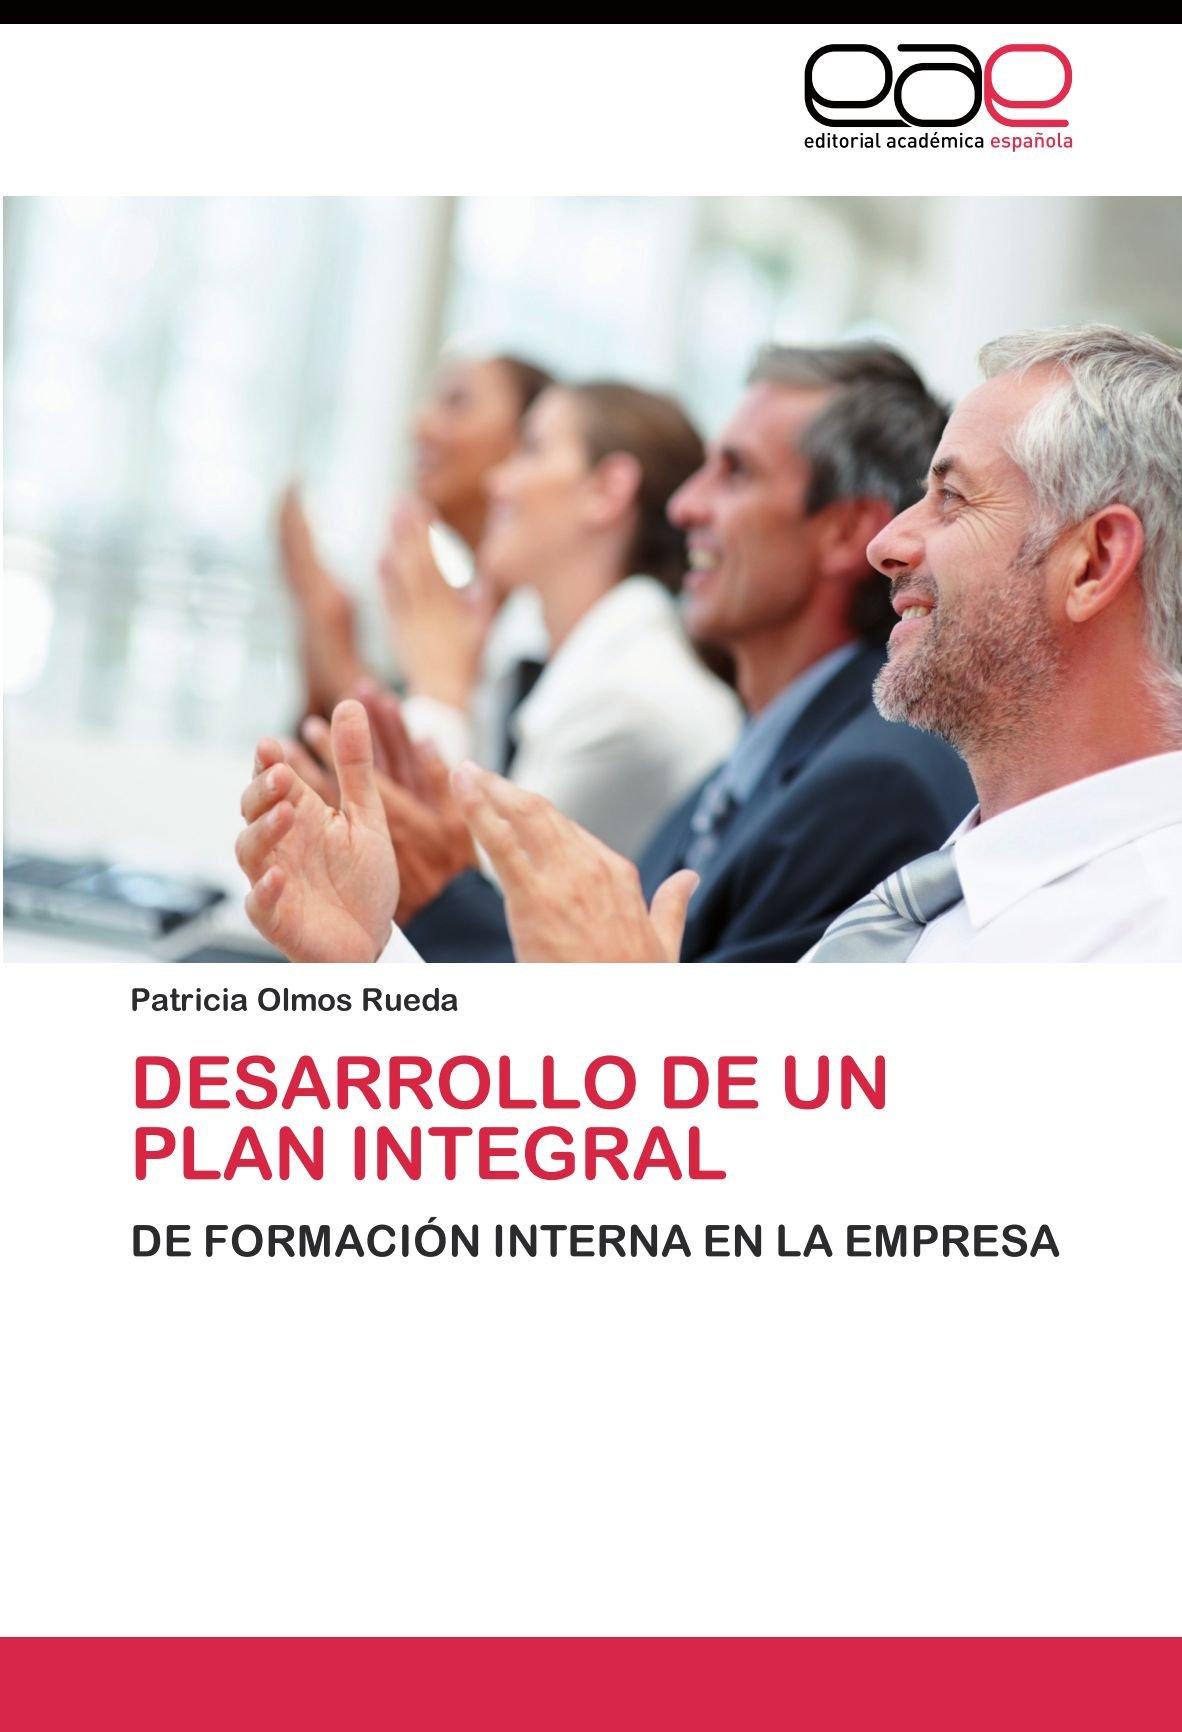 Download DESARROLLO DE UN PLAN INTEGRAL: DE FORMACIÓN INTERNA EN LA EMPRESA (Spanish Edition) PDF